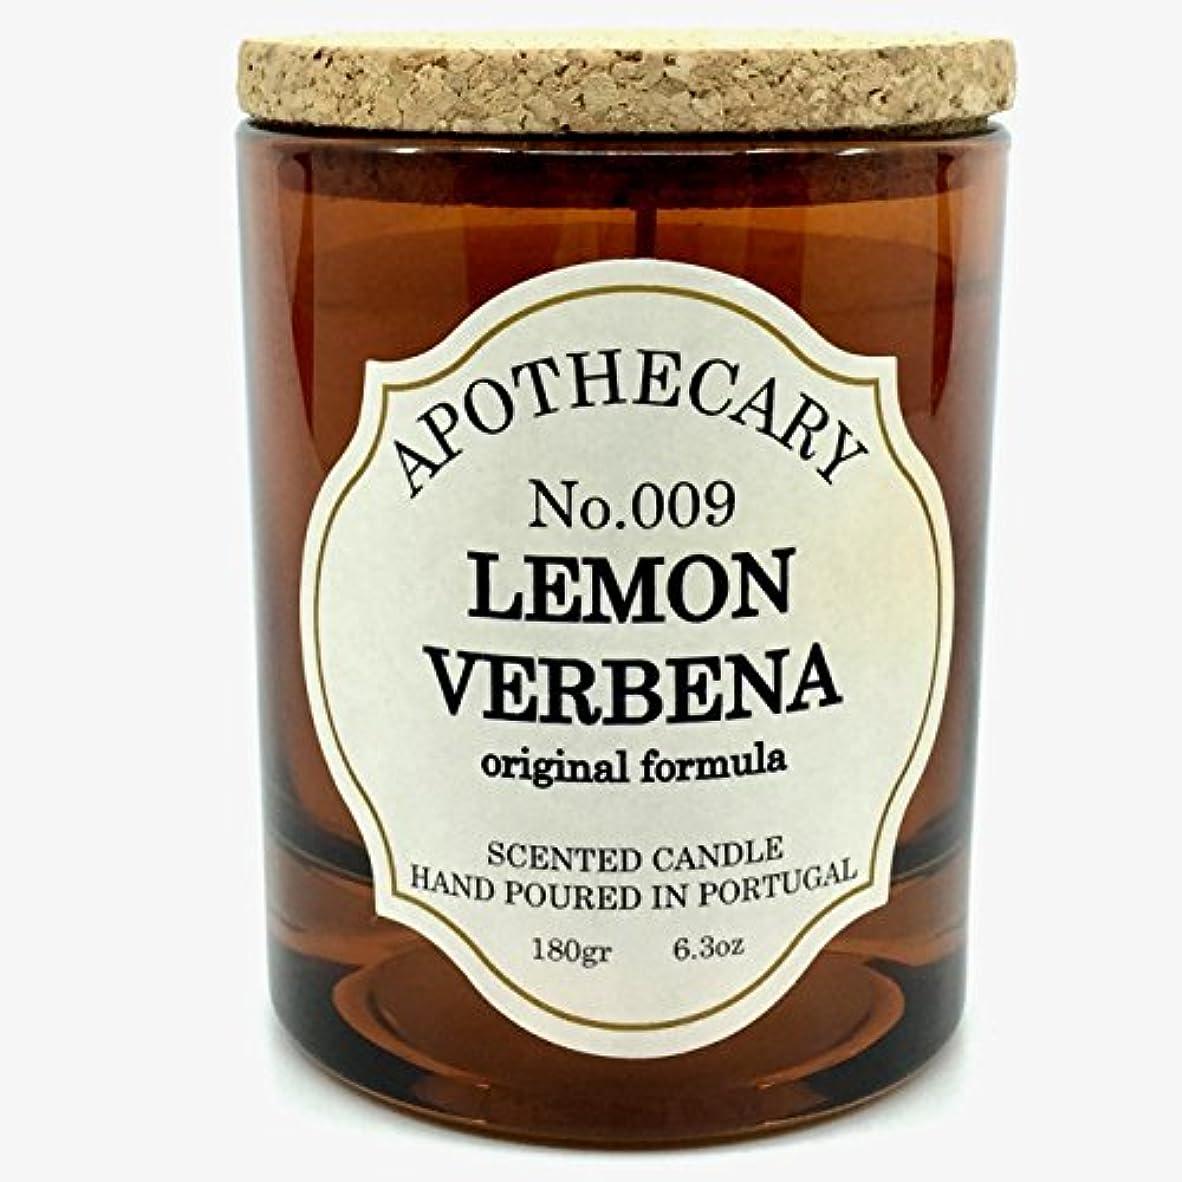 Apothecary No 009 Lemon Verbena Original Formula Scented Candle